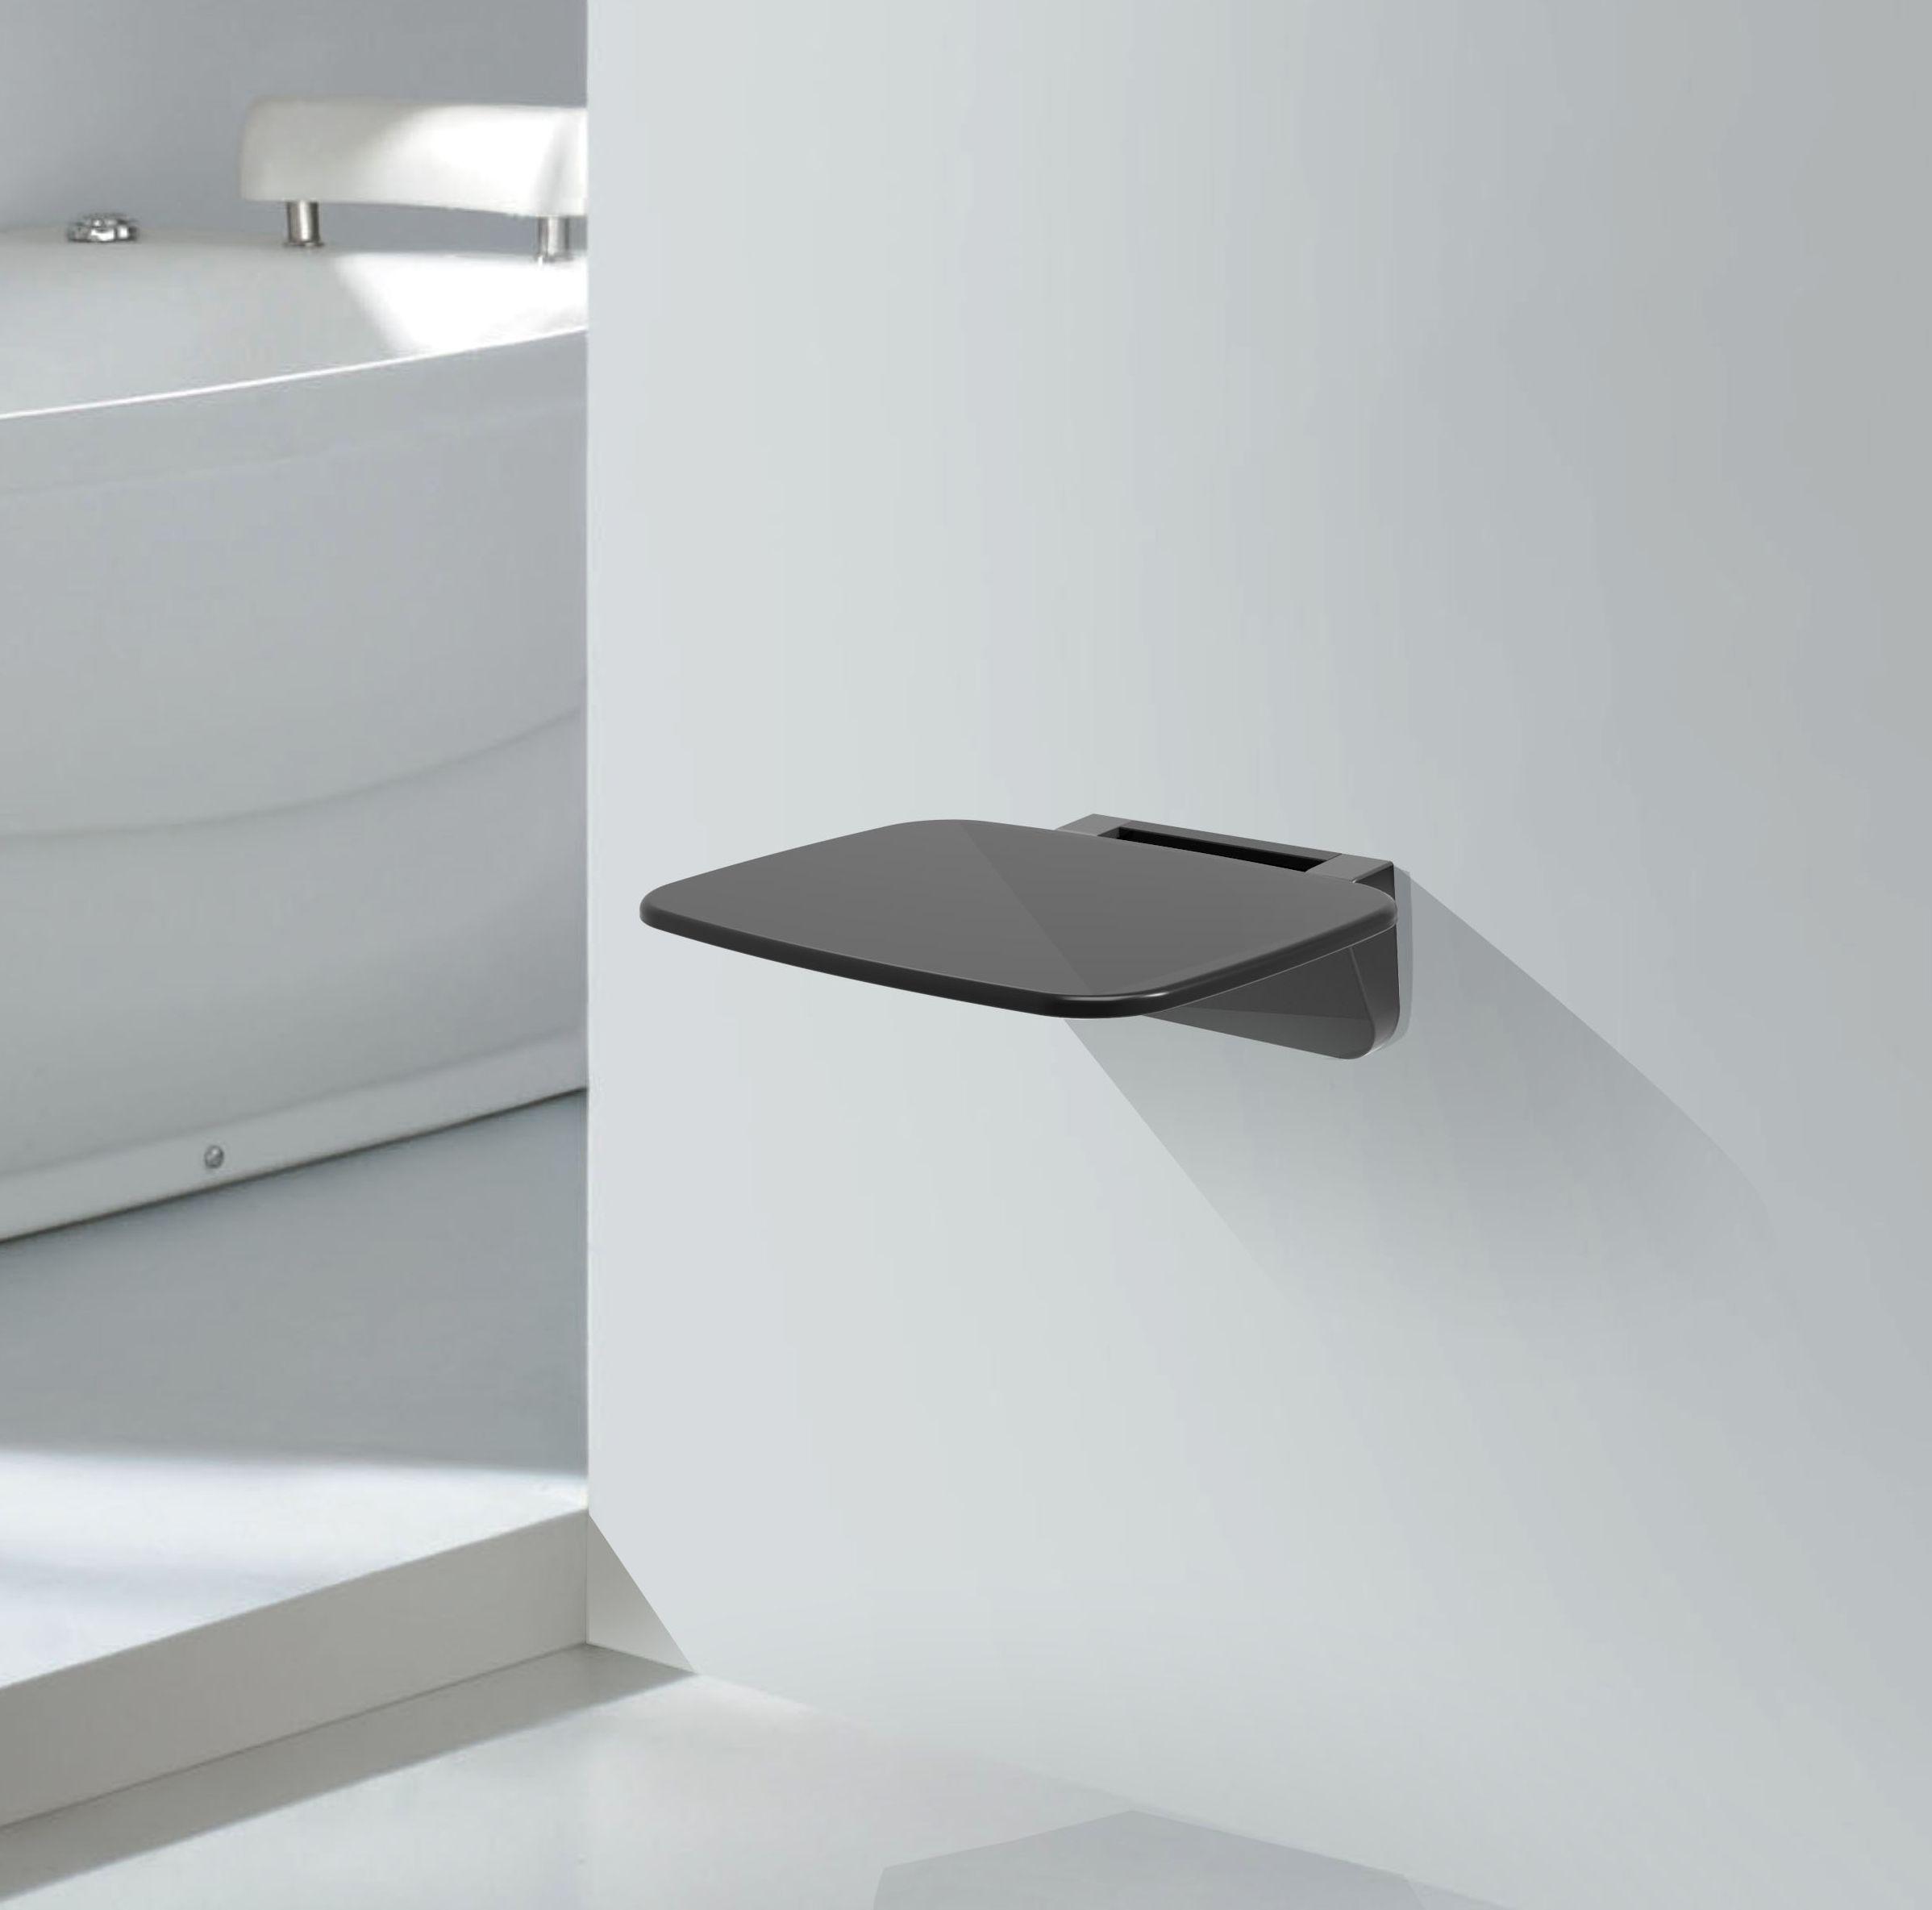 klappbarer Duschsitz in schwarz zur Wandmontage